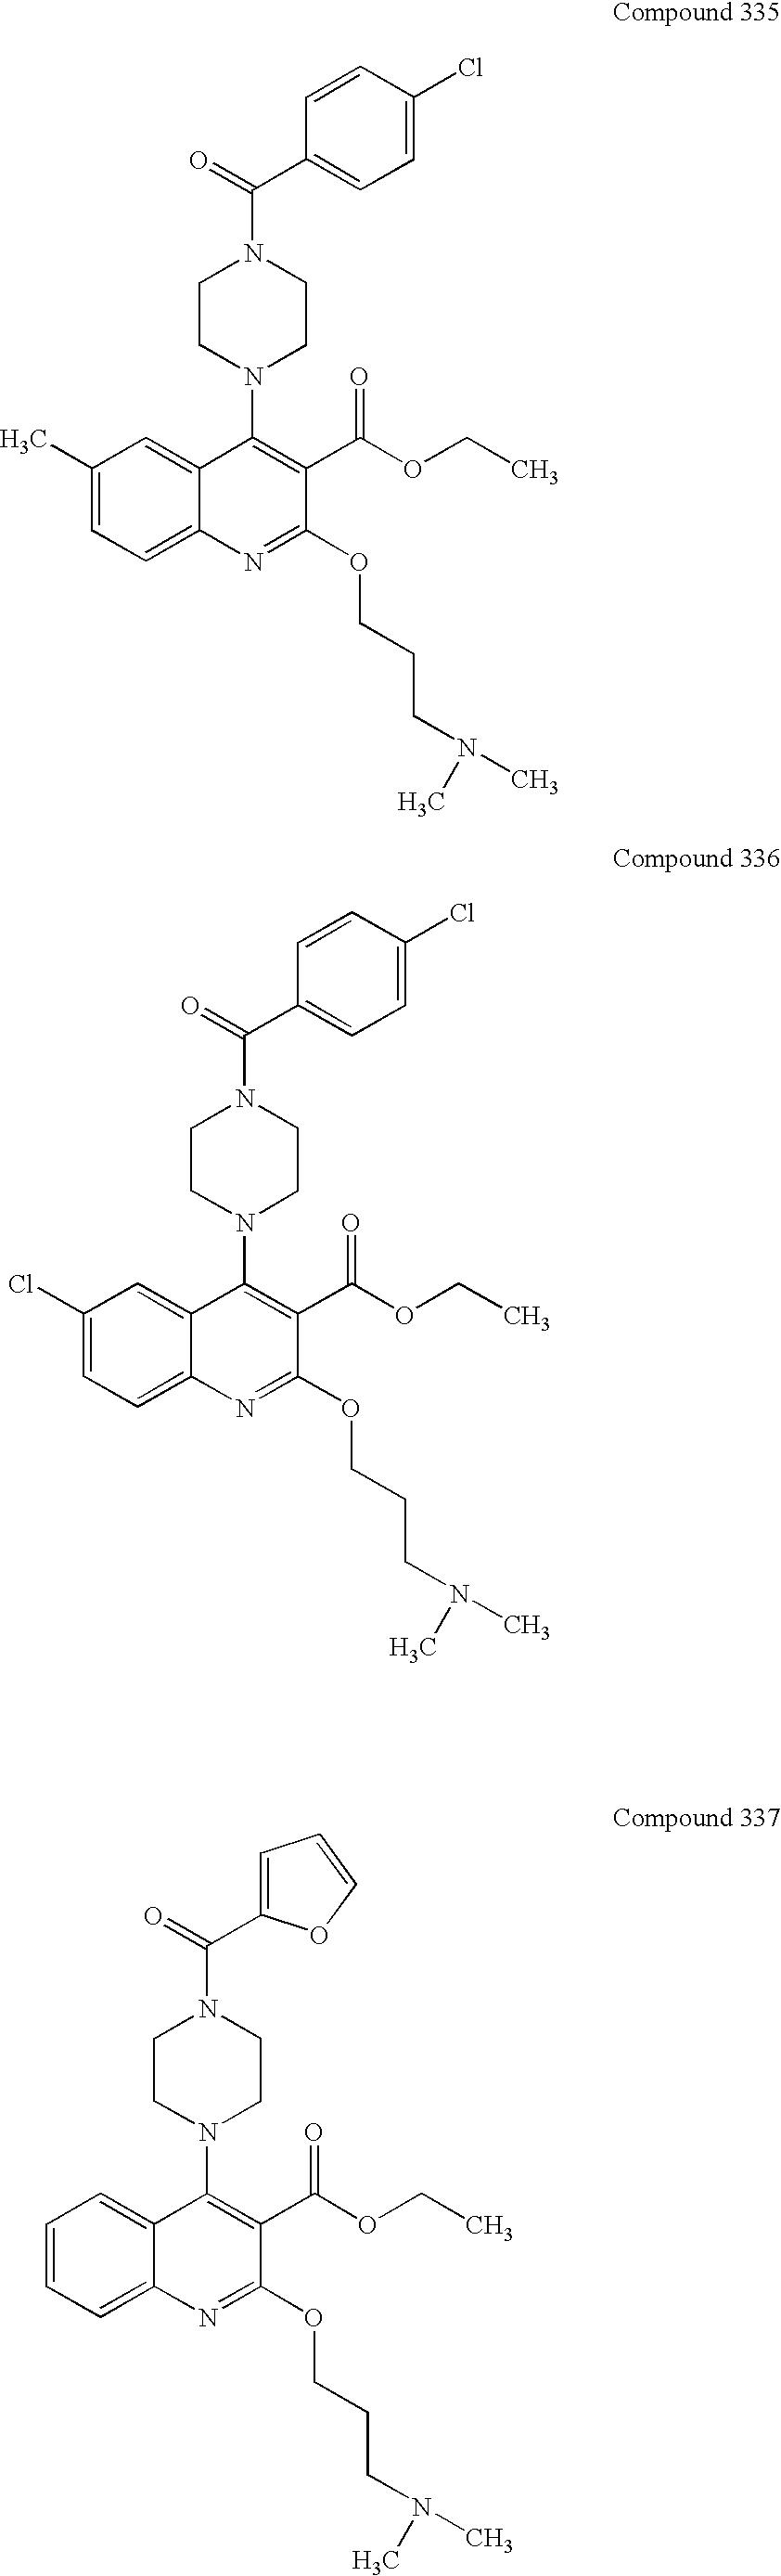 Figure US07230106-20070612-C00180